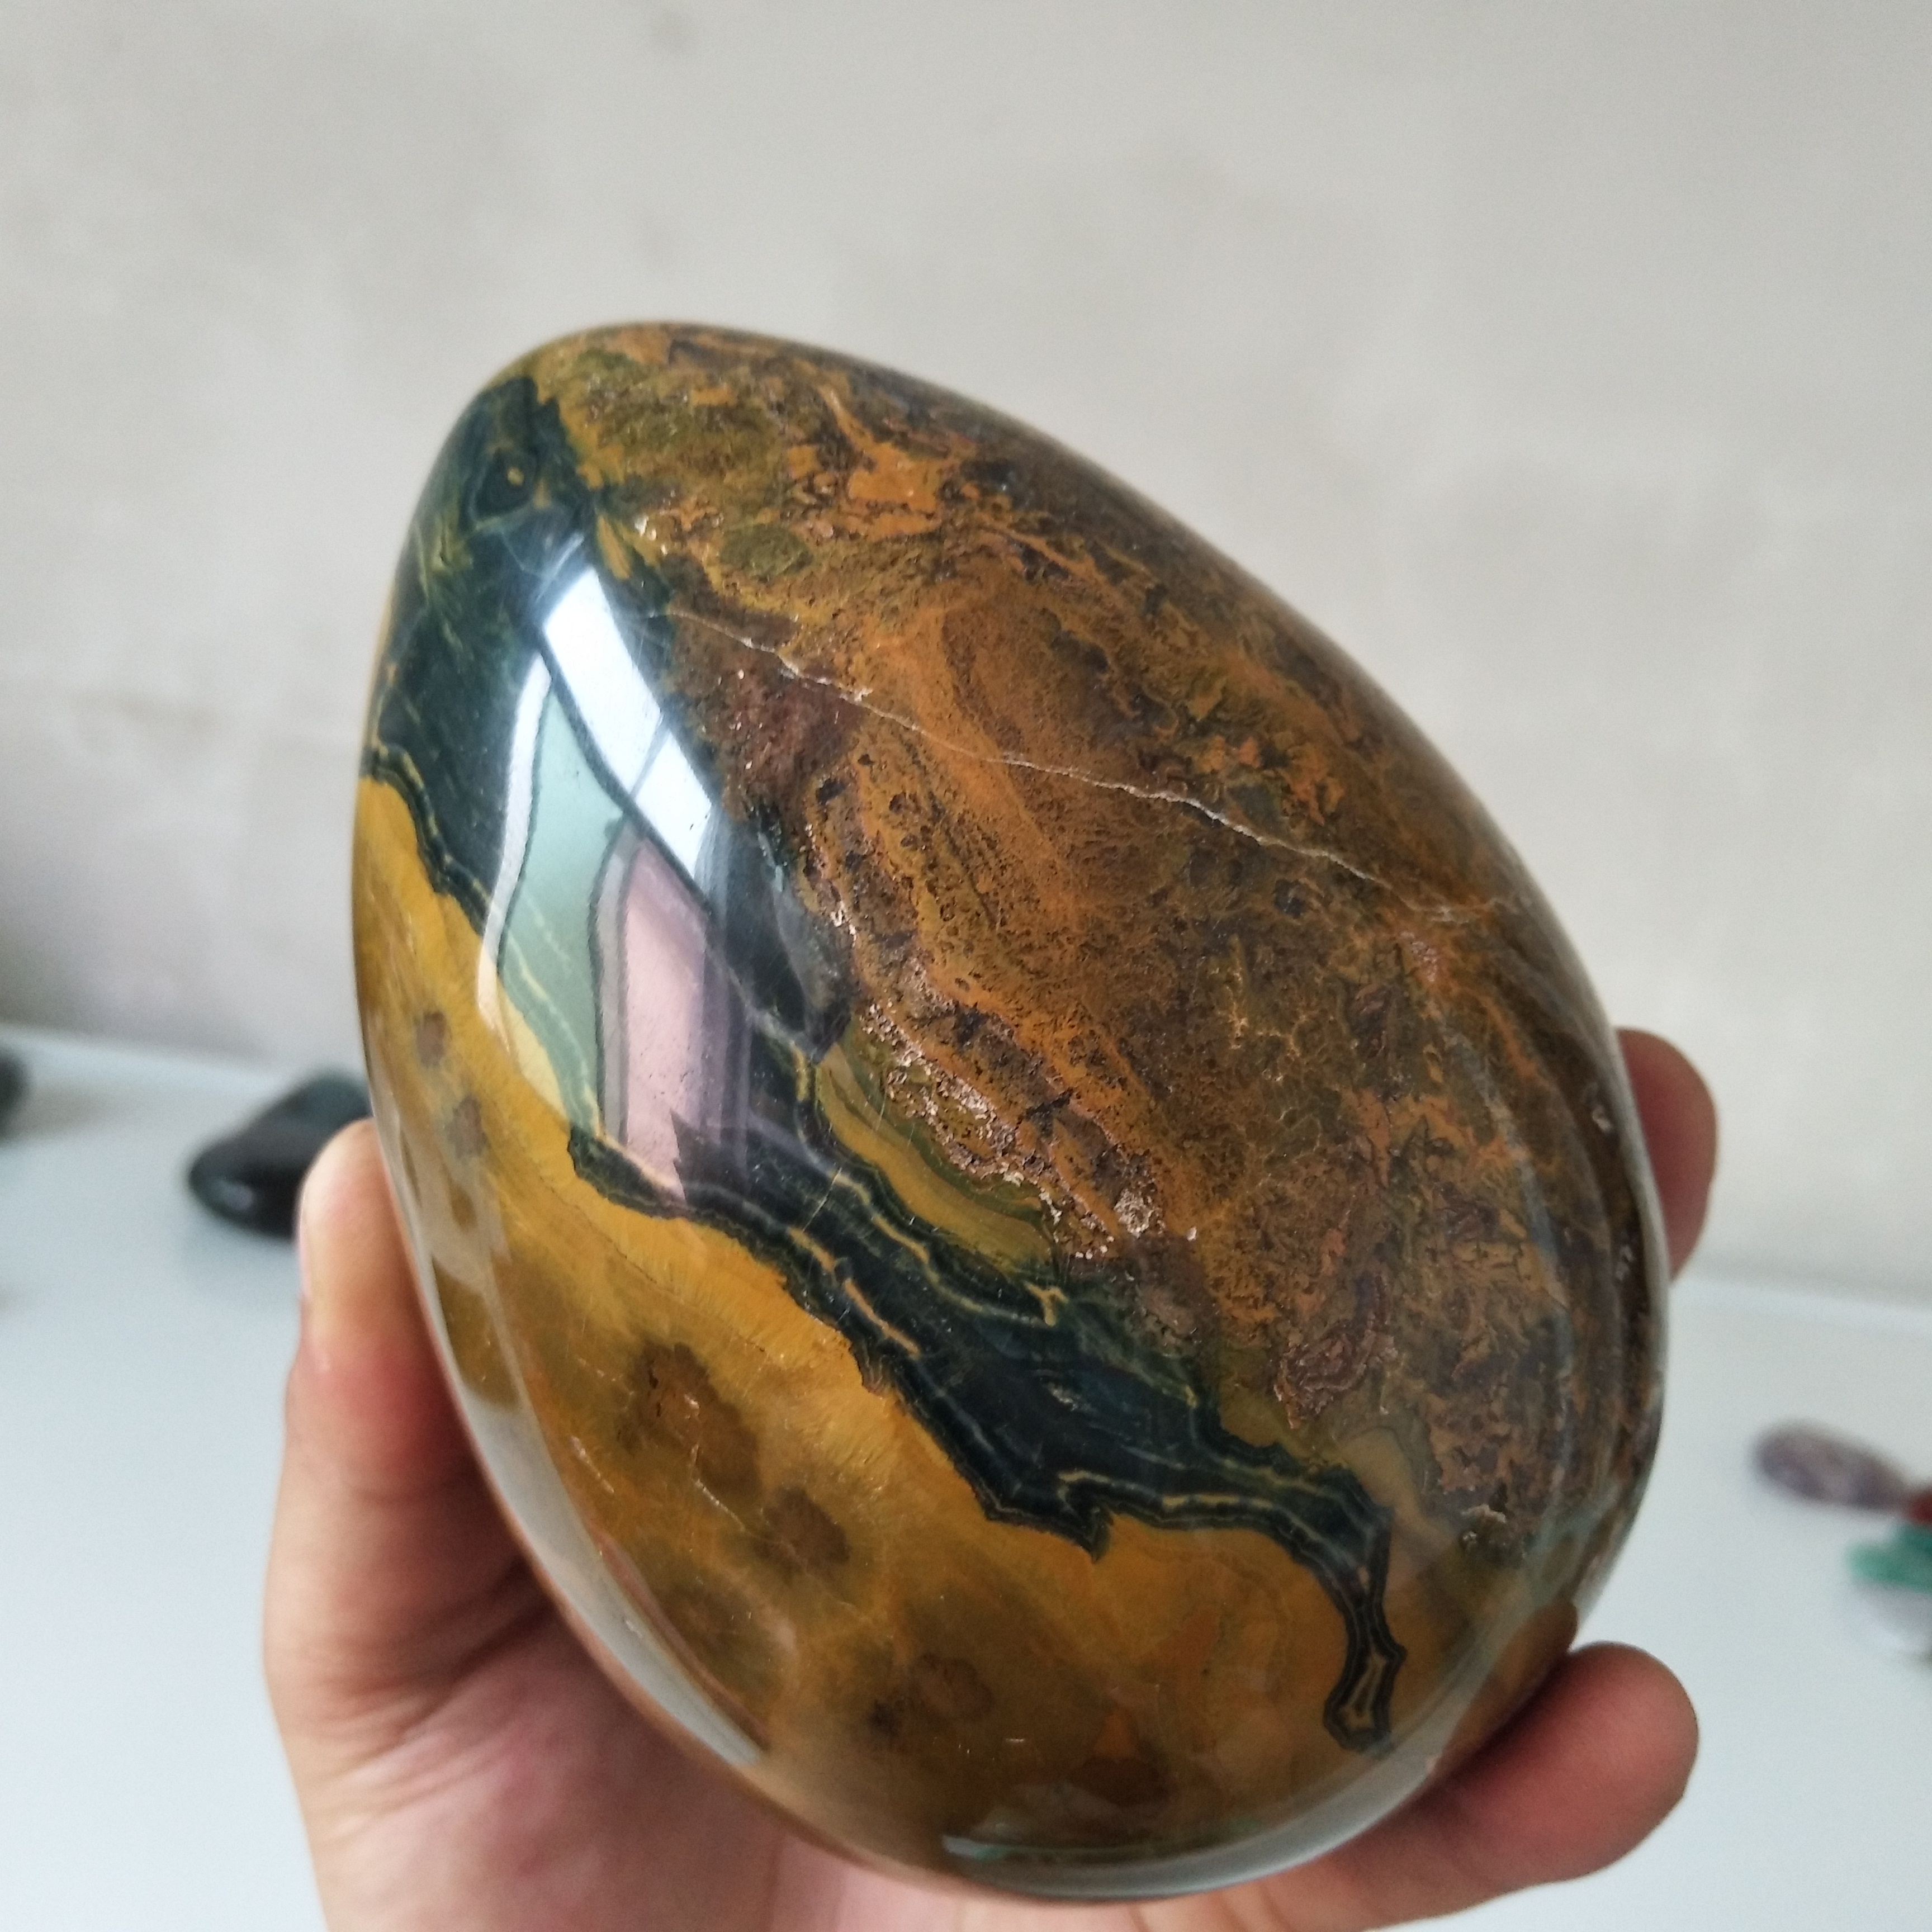 Décoration de la maison en 2 pièces | Pierre surdimensionnée jaspe d'océan, cristal œuf, cristaux de traitement feng shui chakra